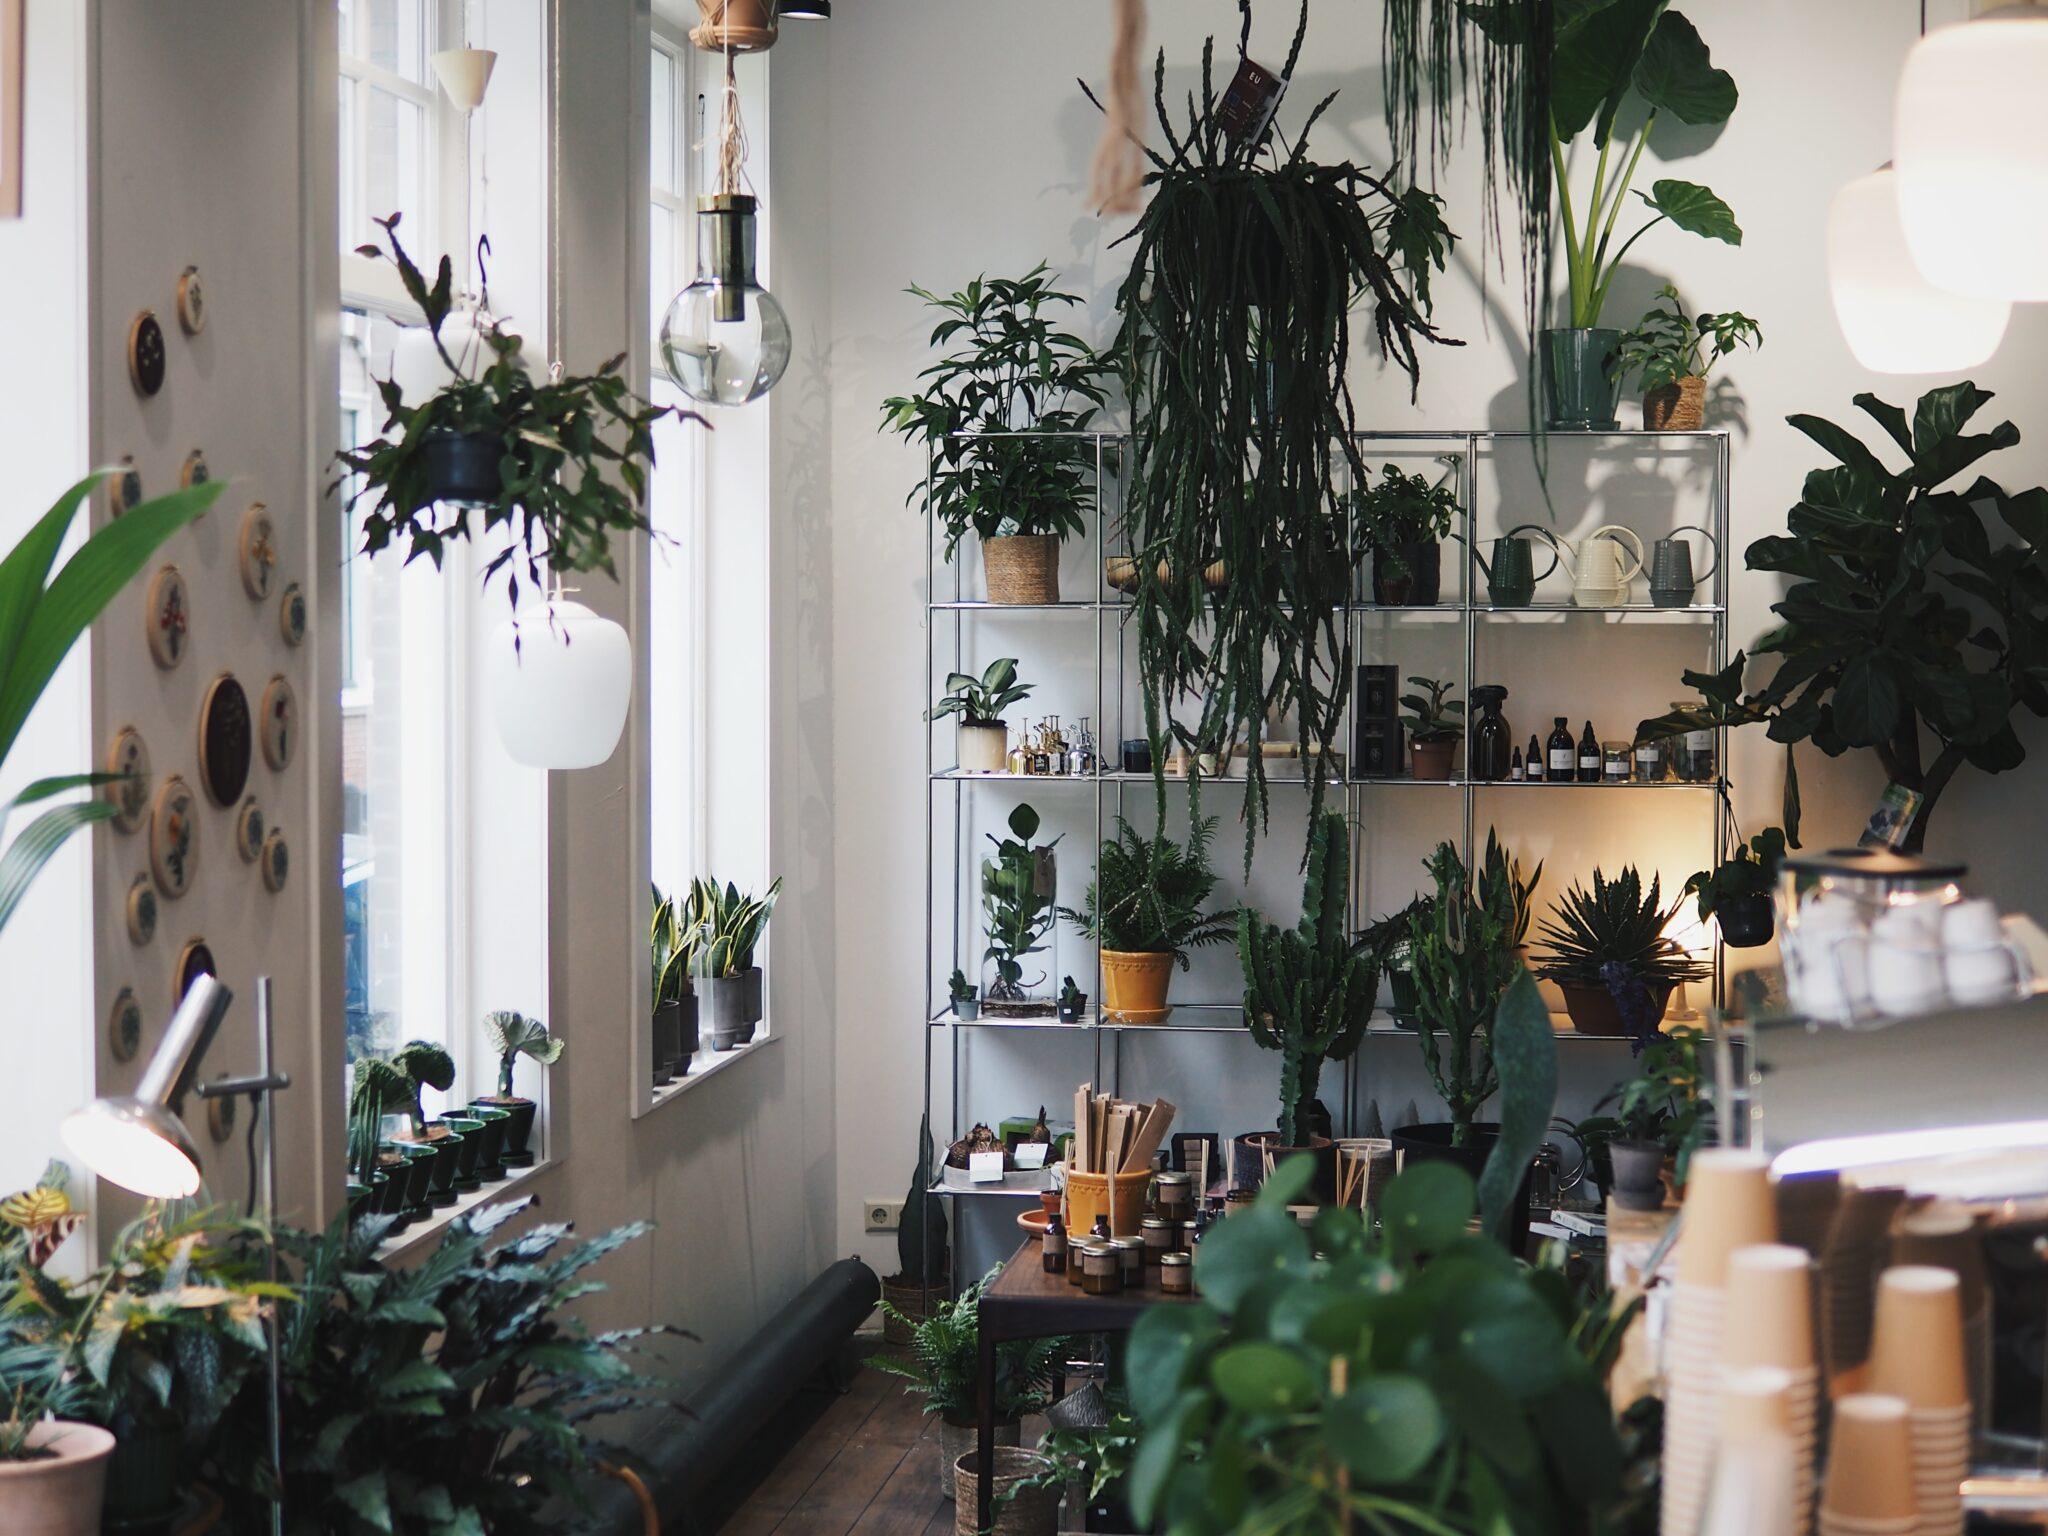 planten utrecht wonderwoud